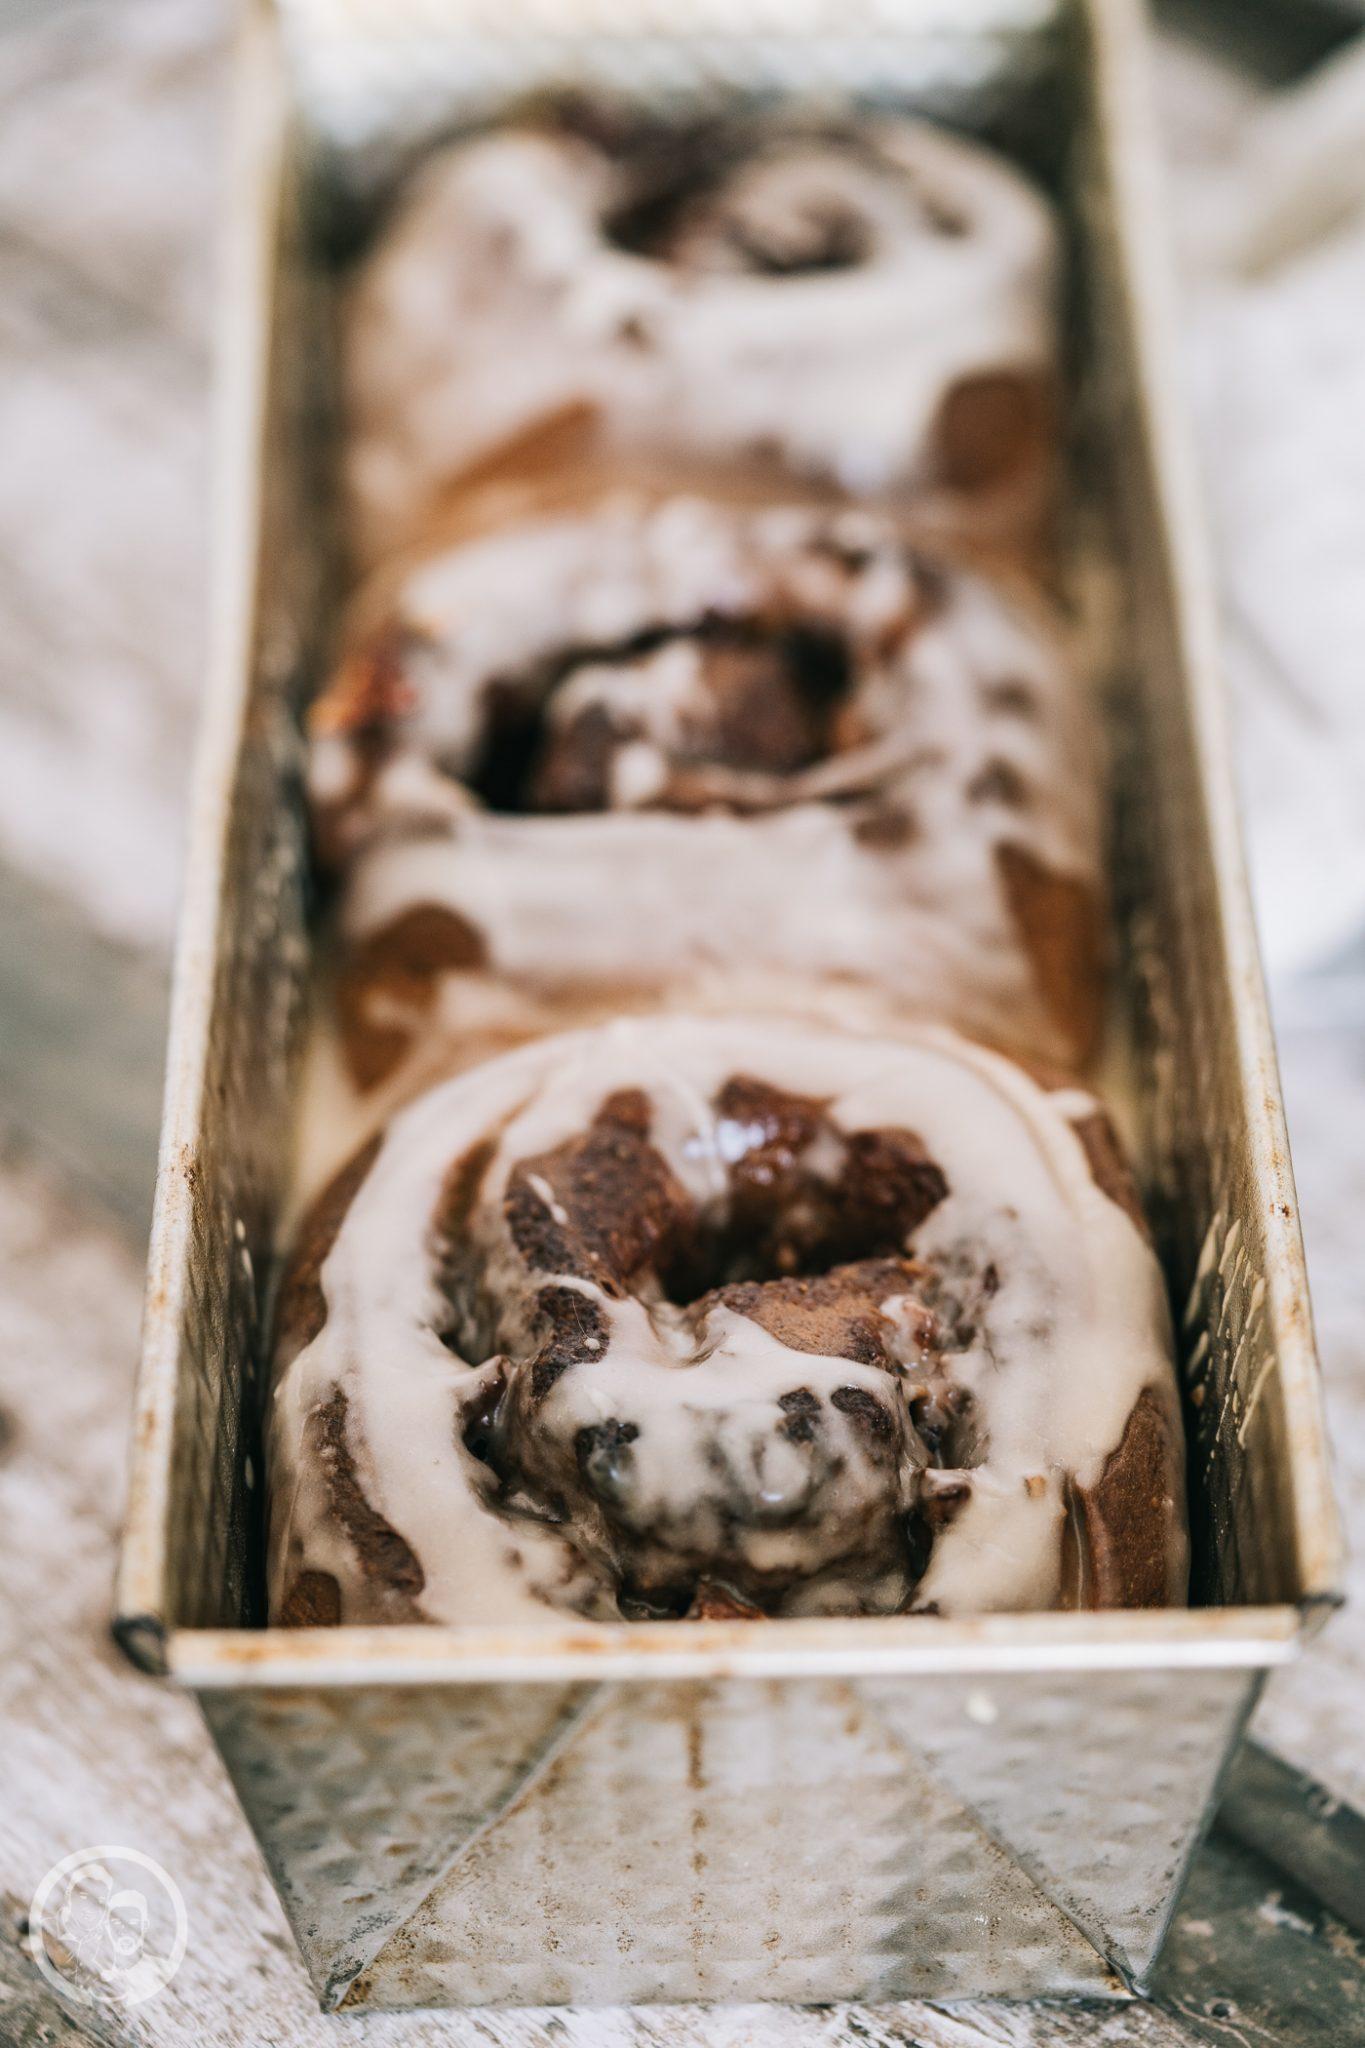 Walnuss Ahornsirup Schnecken 6 | Wir haben ja in der Vergangenheit schon so einige Hefeschnecken gemacht, aber dieses leckere Gebäck ist so vielfältig zu befüllen, dass wir wohl noch so einige Varianten in Zukunft für euch ausprobieren werden. Diese Walnuss-Ahornsirup-Schnecken gehören definitiv zu unseren Favoriten und werden wohl noch öfter auf den Tisch kommen.